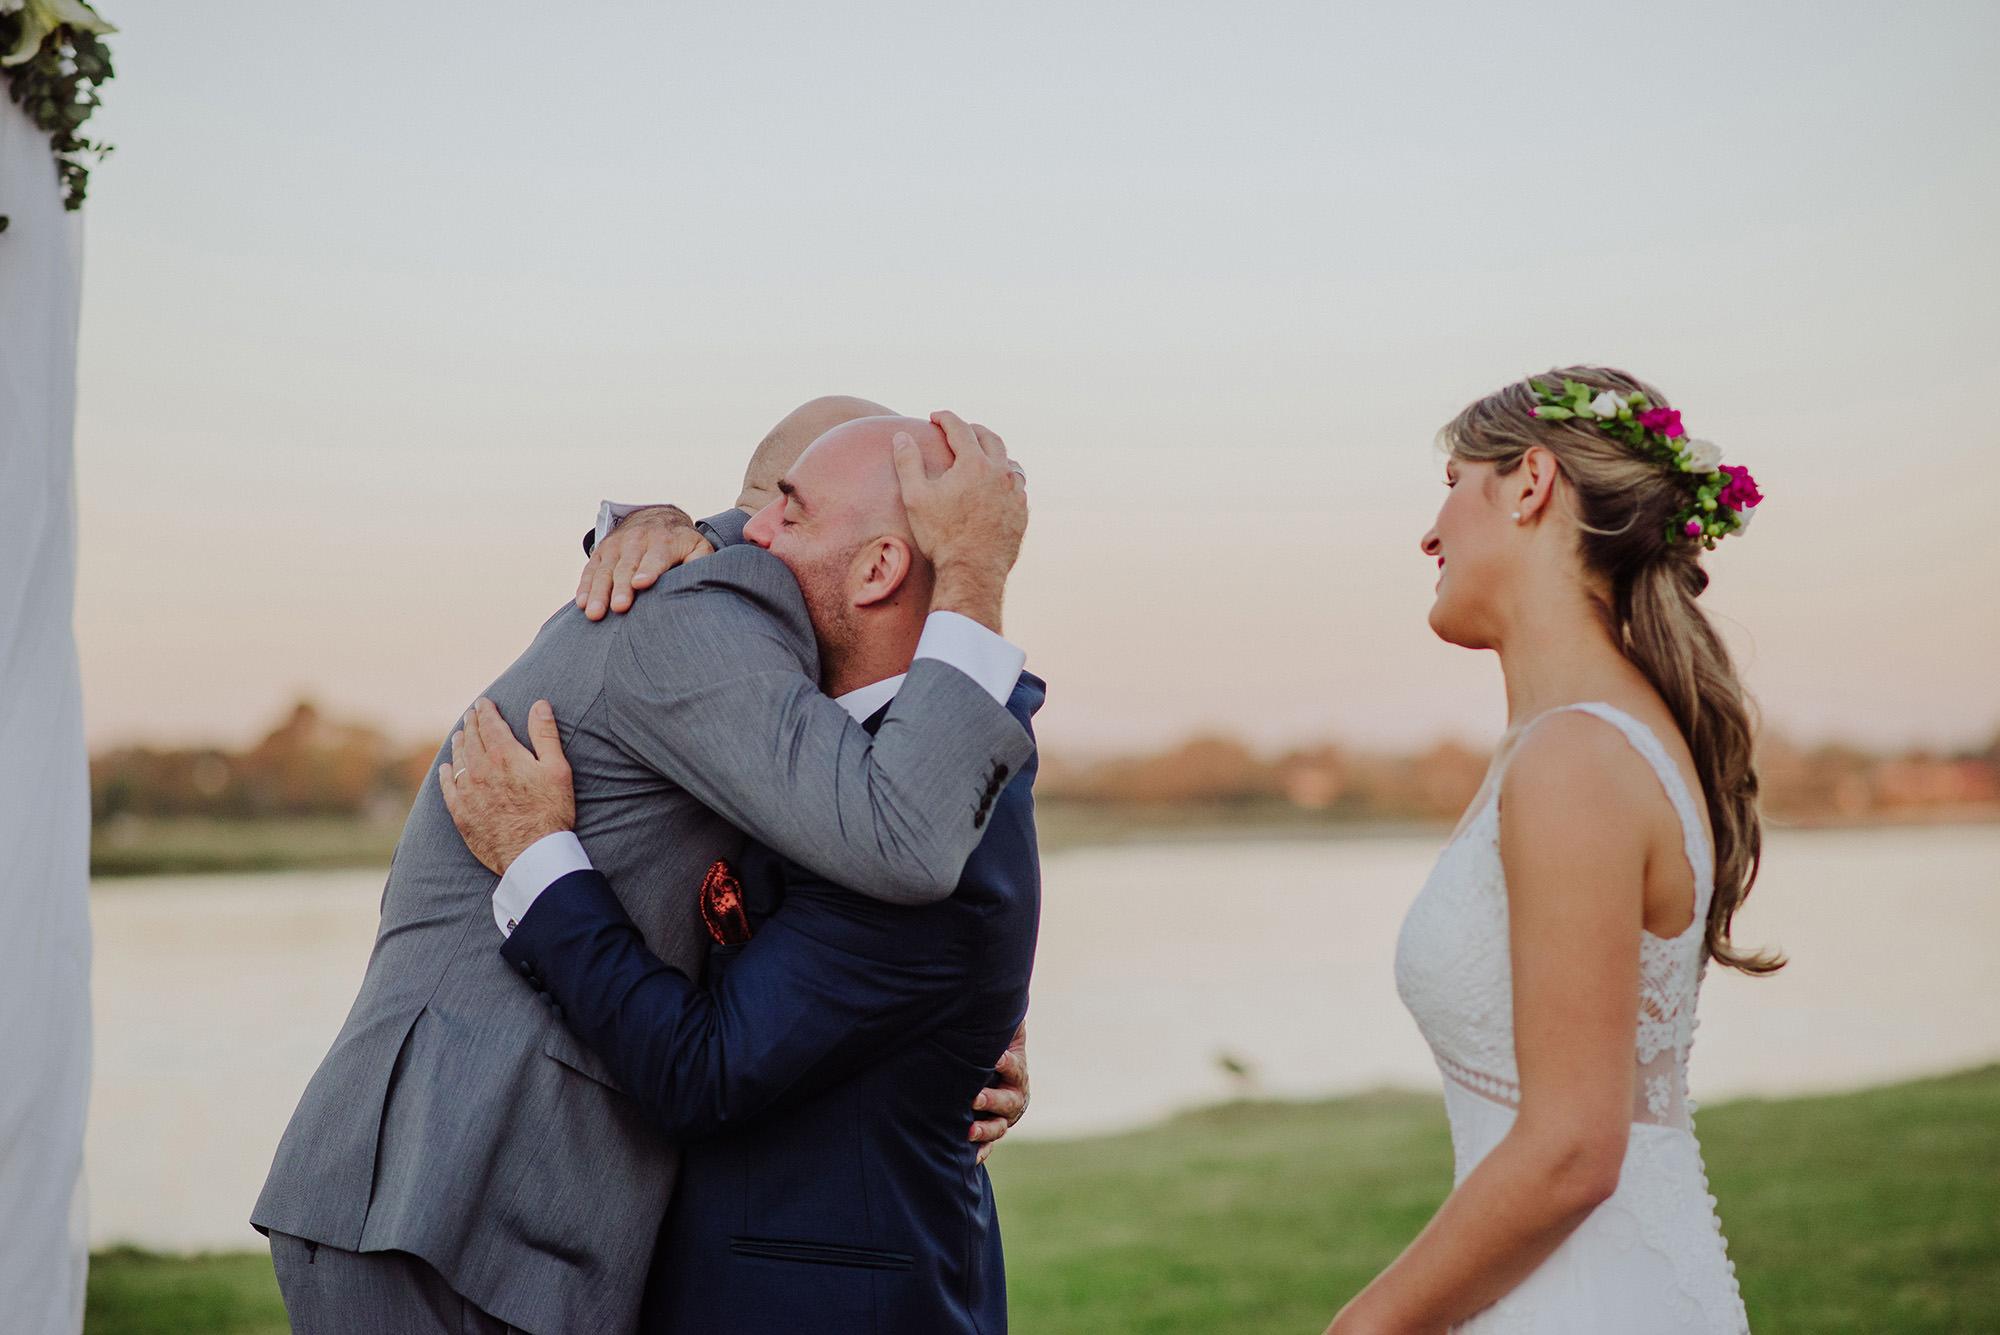 fotografos-de-casamientos-uruguay-2